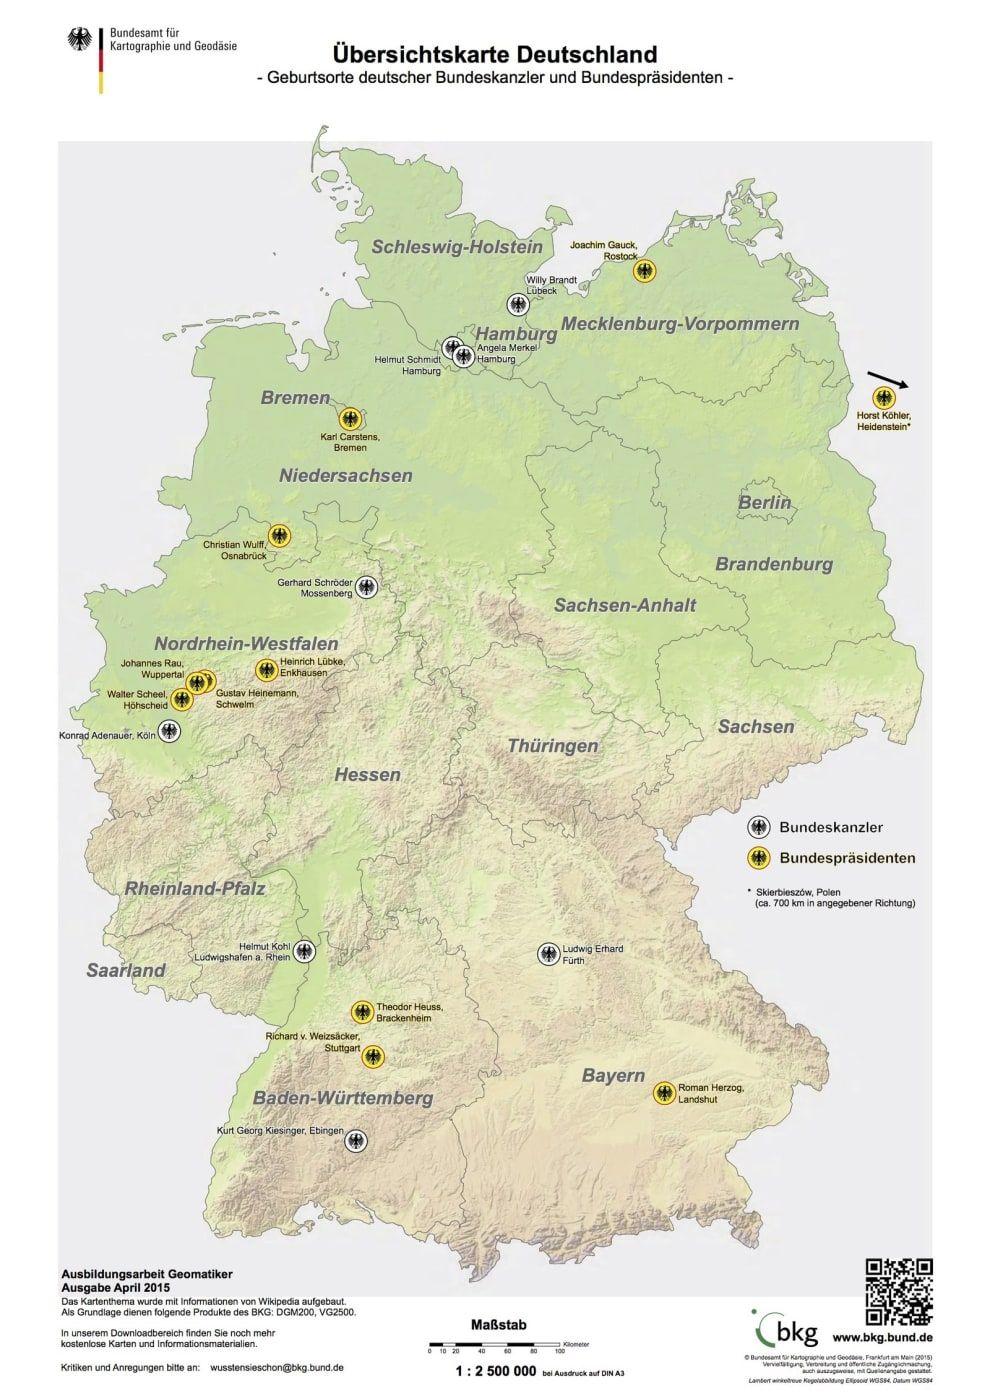 25 Karten Die Dir Genau Erklaren Wie Deutschland Funktioniert